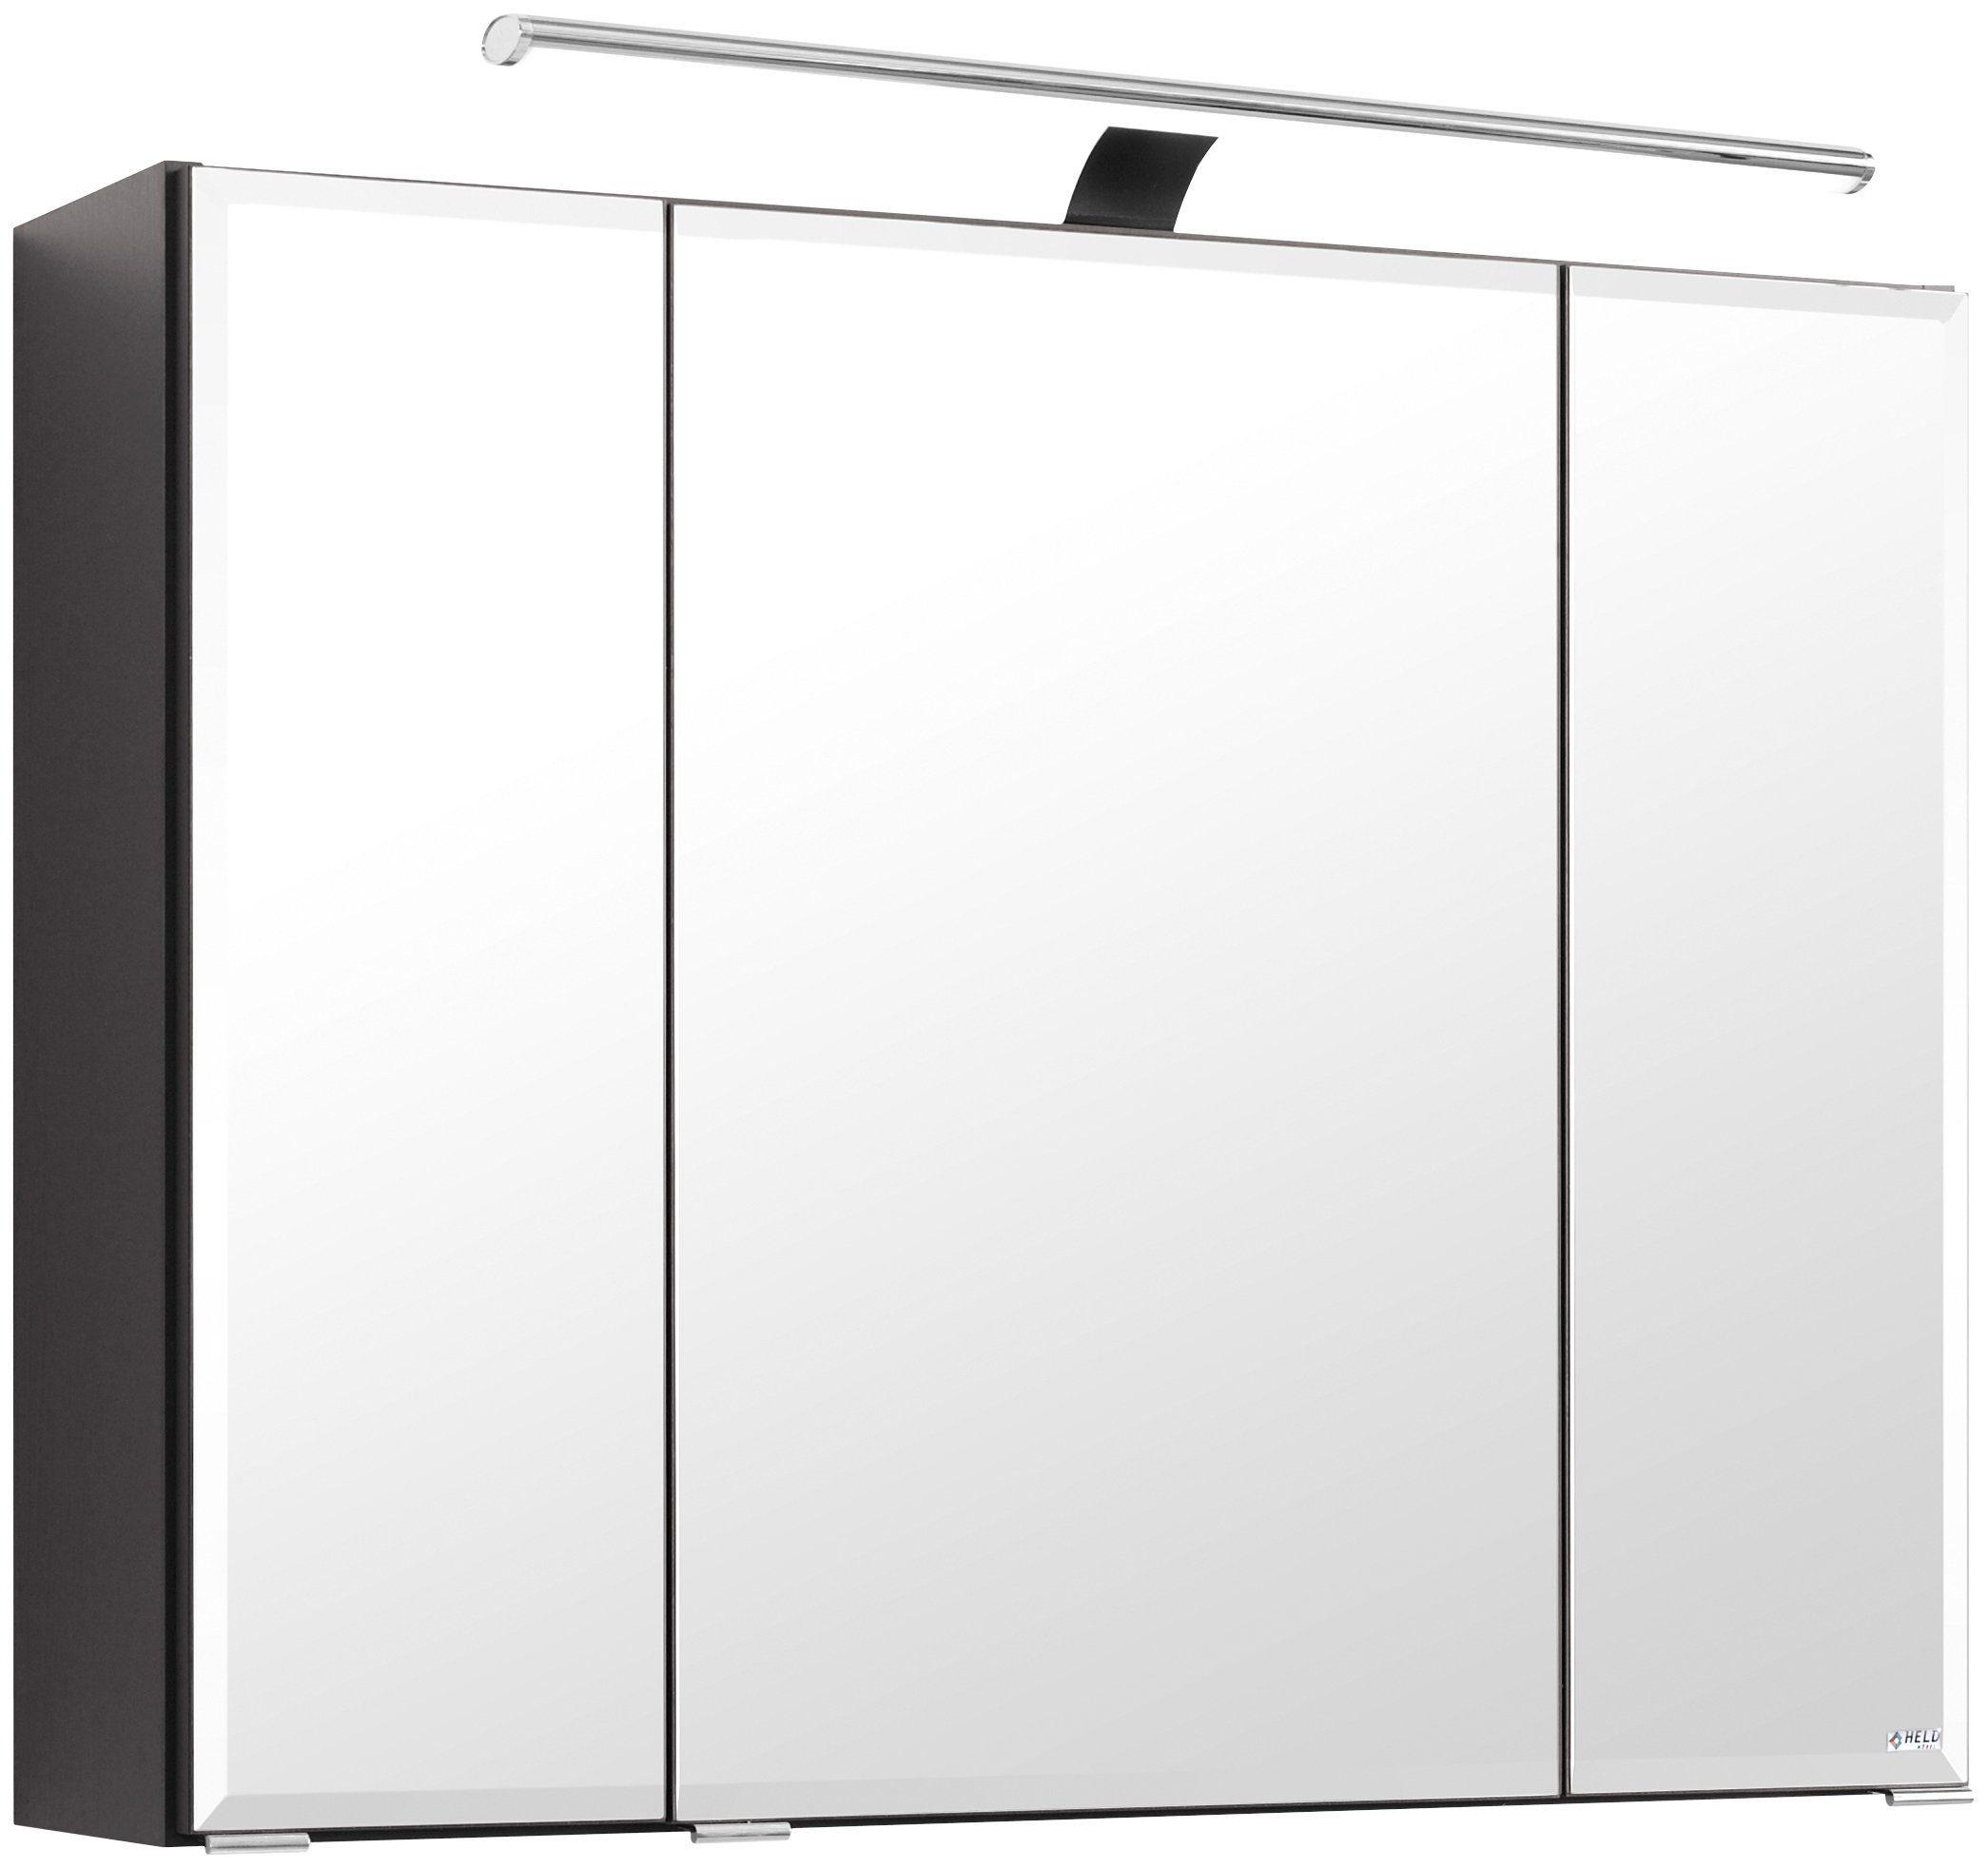 Held Möbel Spiegelschrank »Fontana« Breite 80 cm, mit LED-Beleuchtung